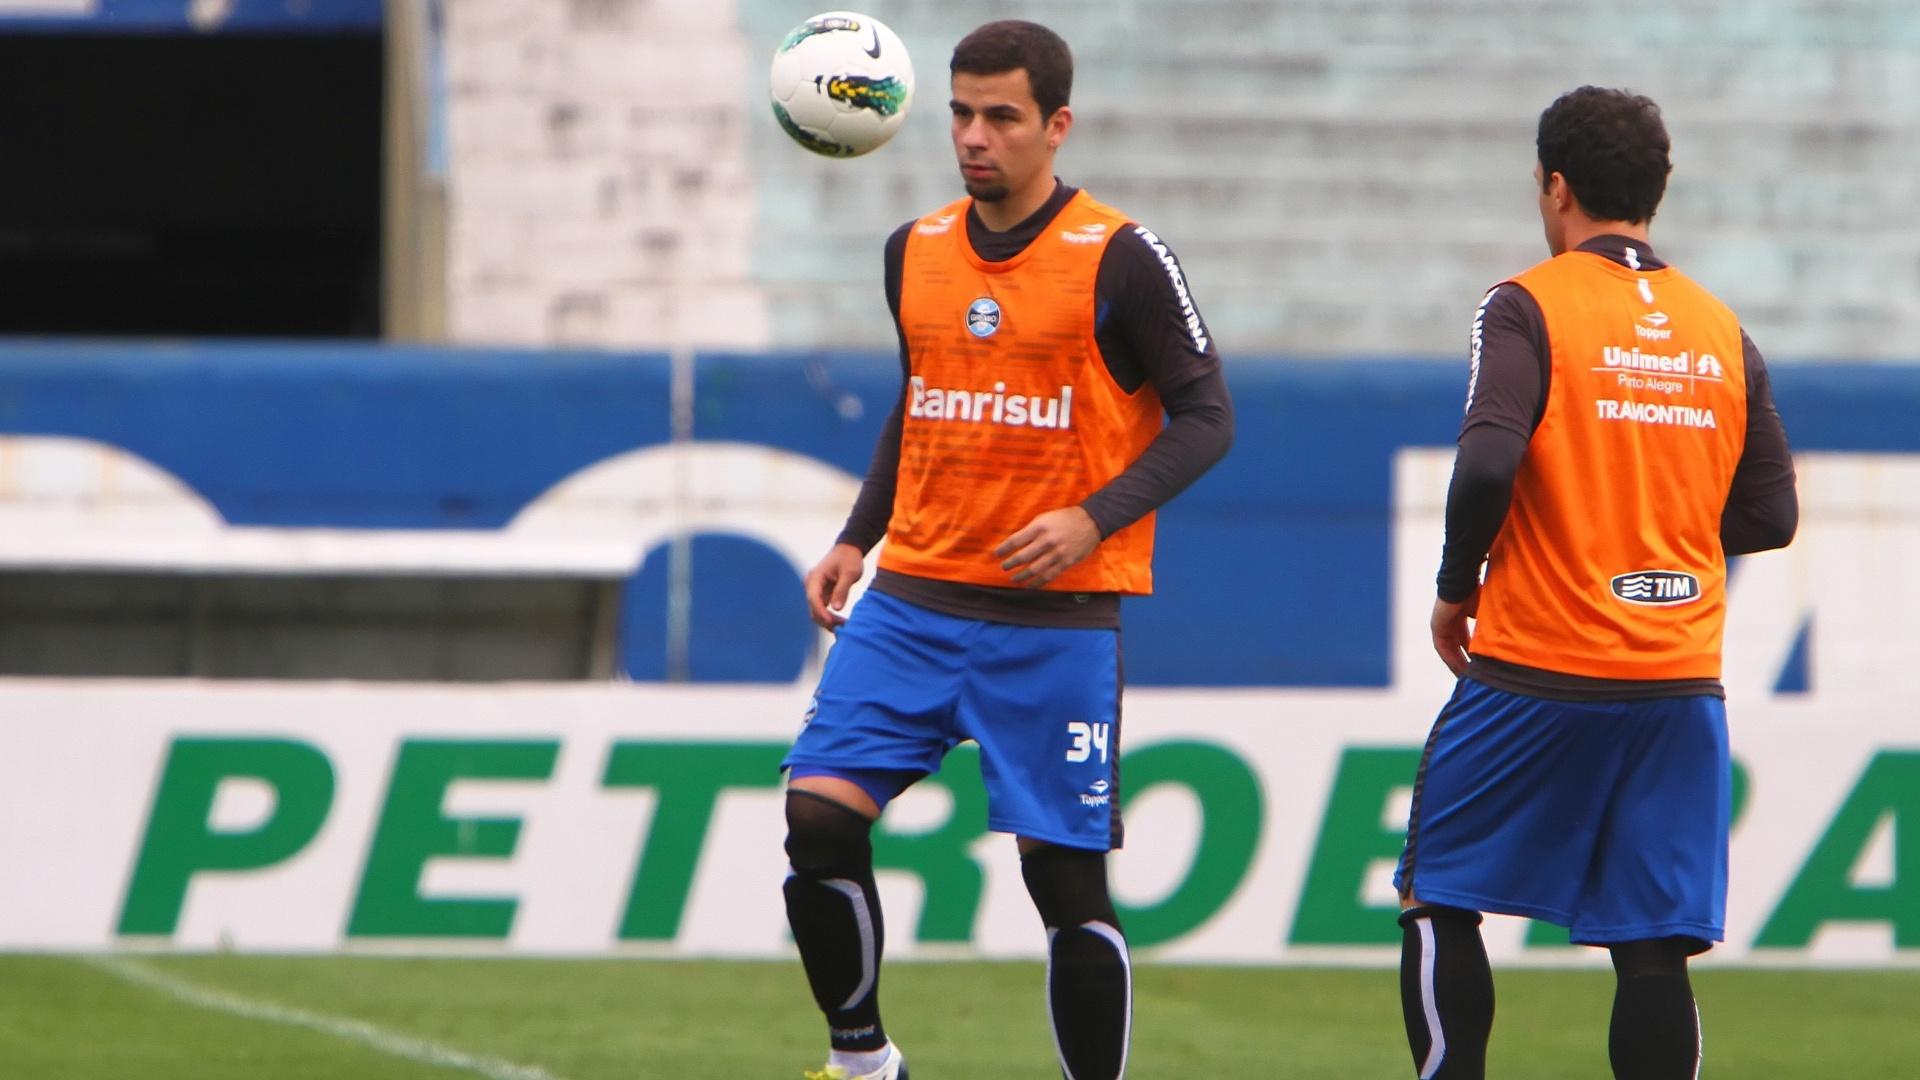 Atacantes André Lima e Kleber batem bola durante treino do Grêmio (4/10/2012)